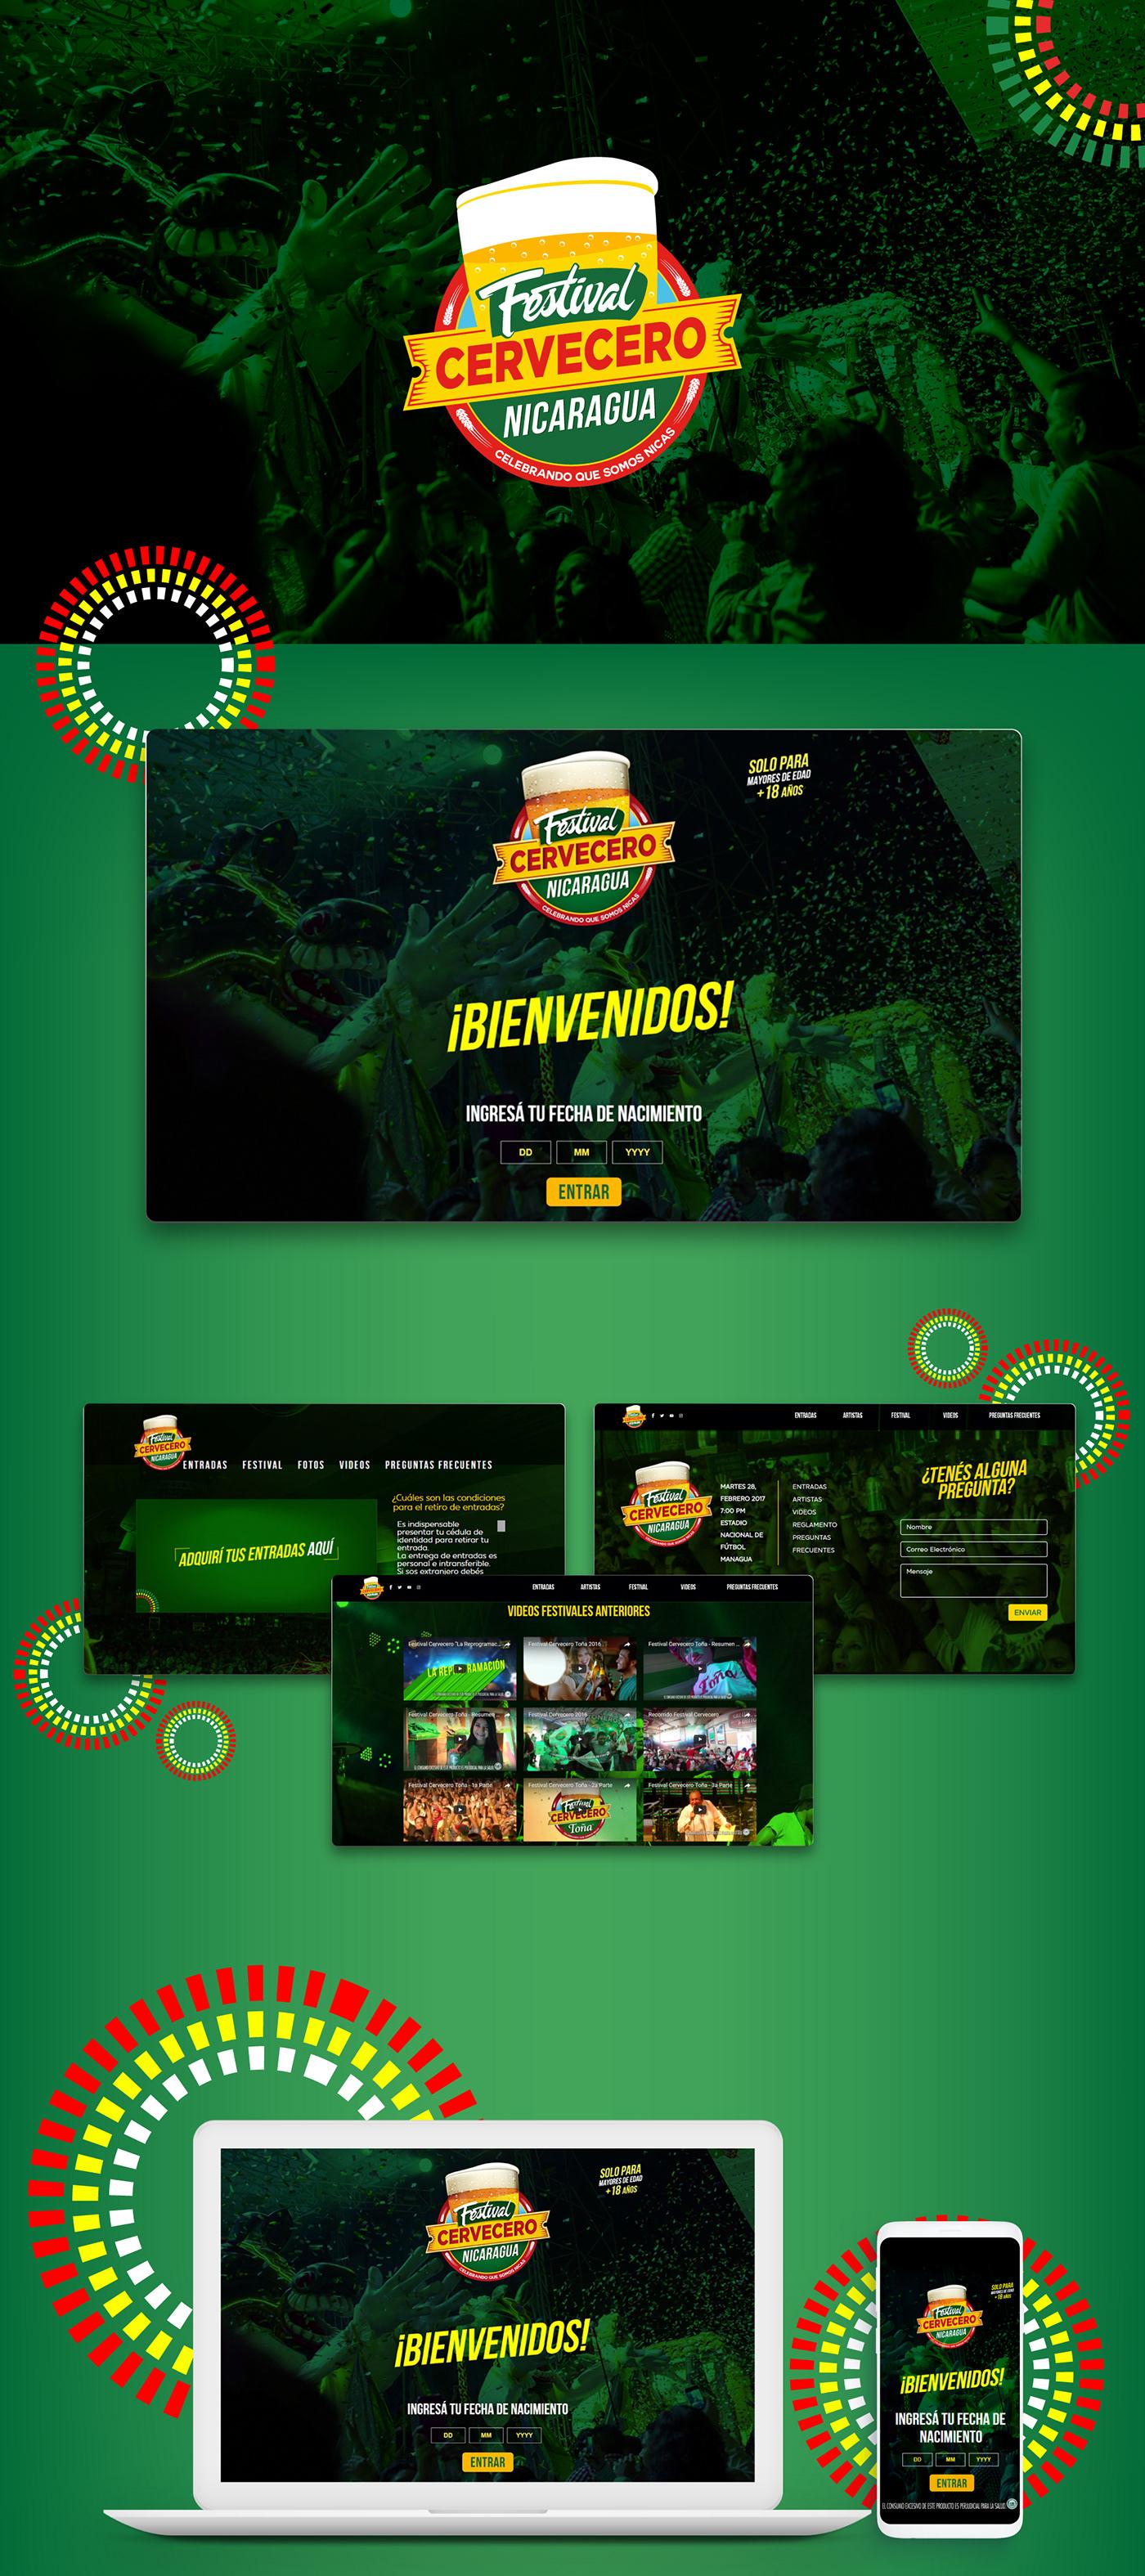 Branding Digital agency agencia de publicidad Nicaragua Bold ux/ui